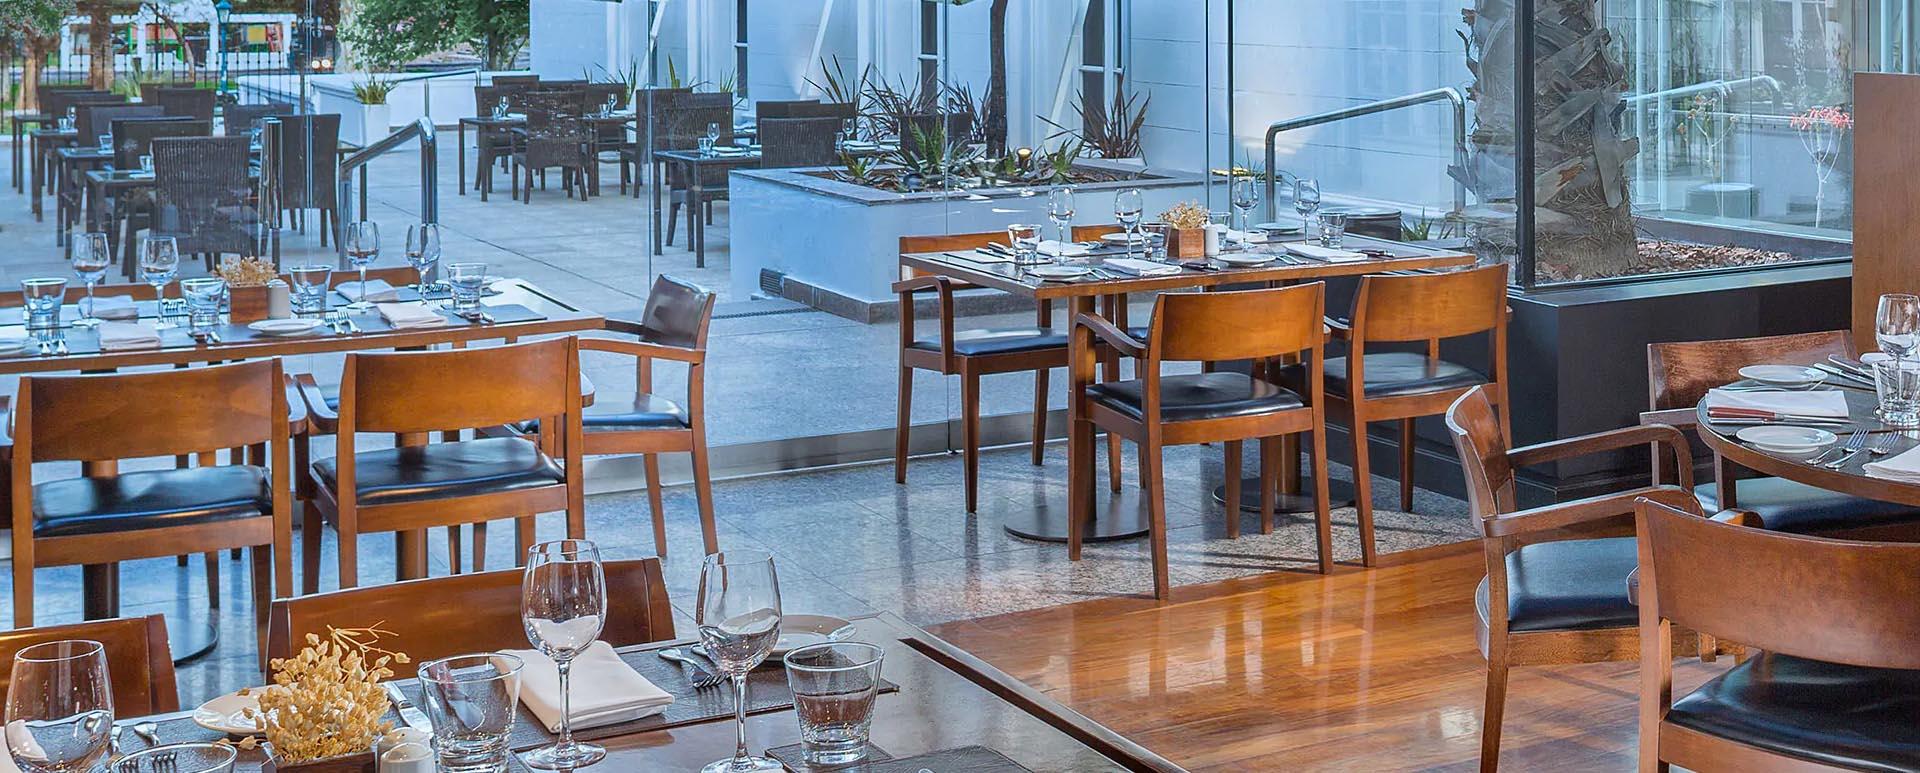 Park Hyatt hotel restaurant